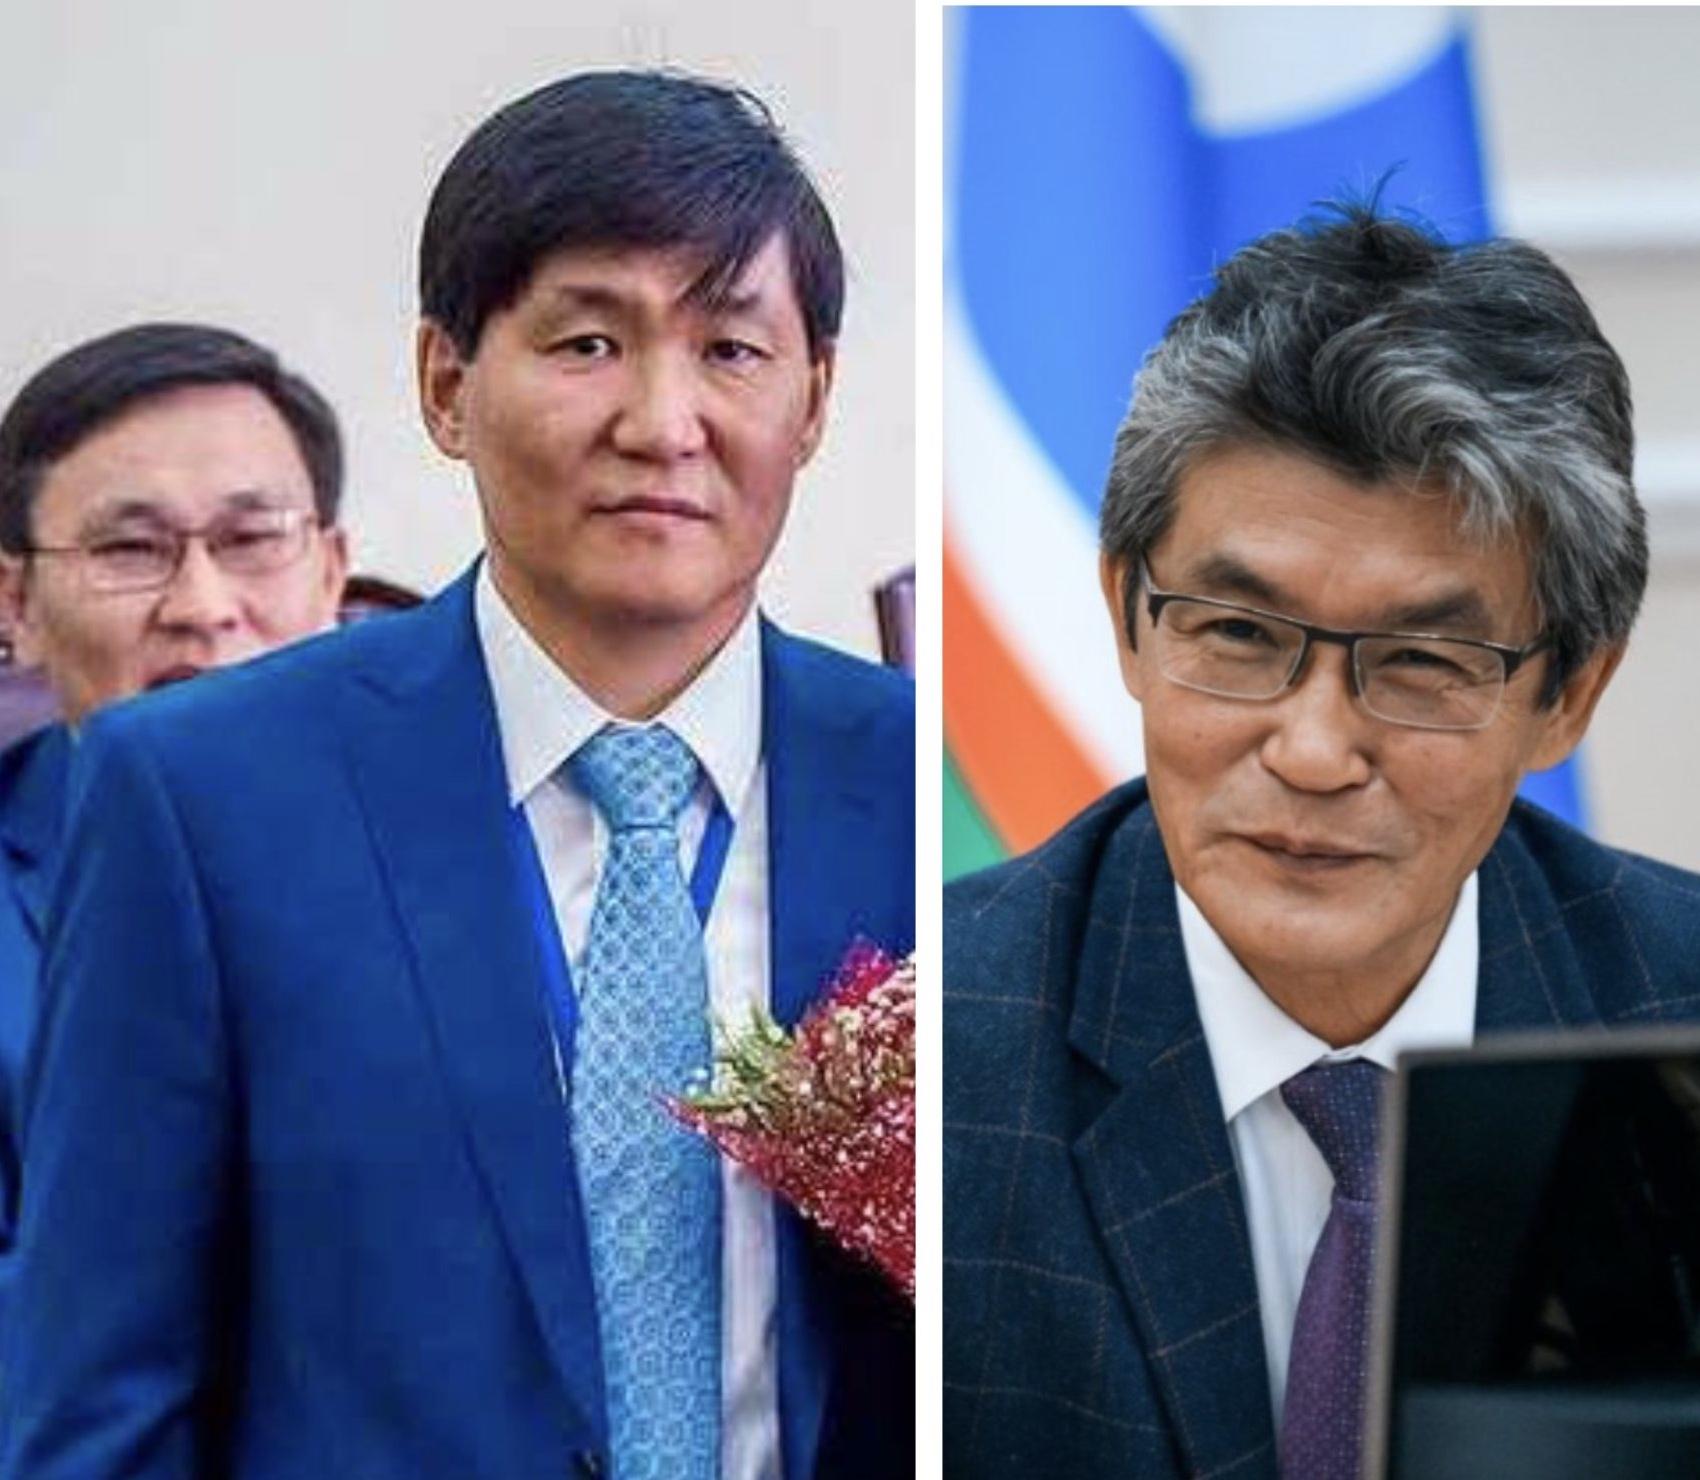 Администрация главы Якутии в качестве фриков использует душевнобольных?